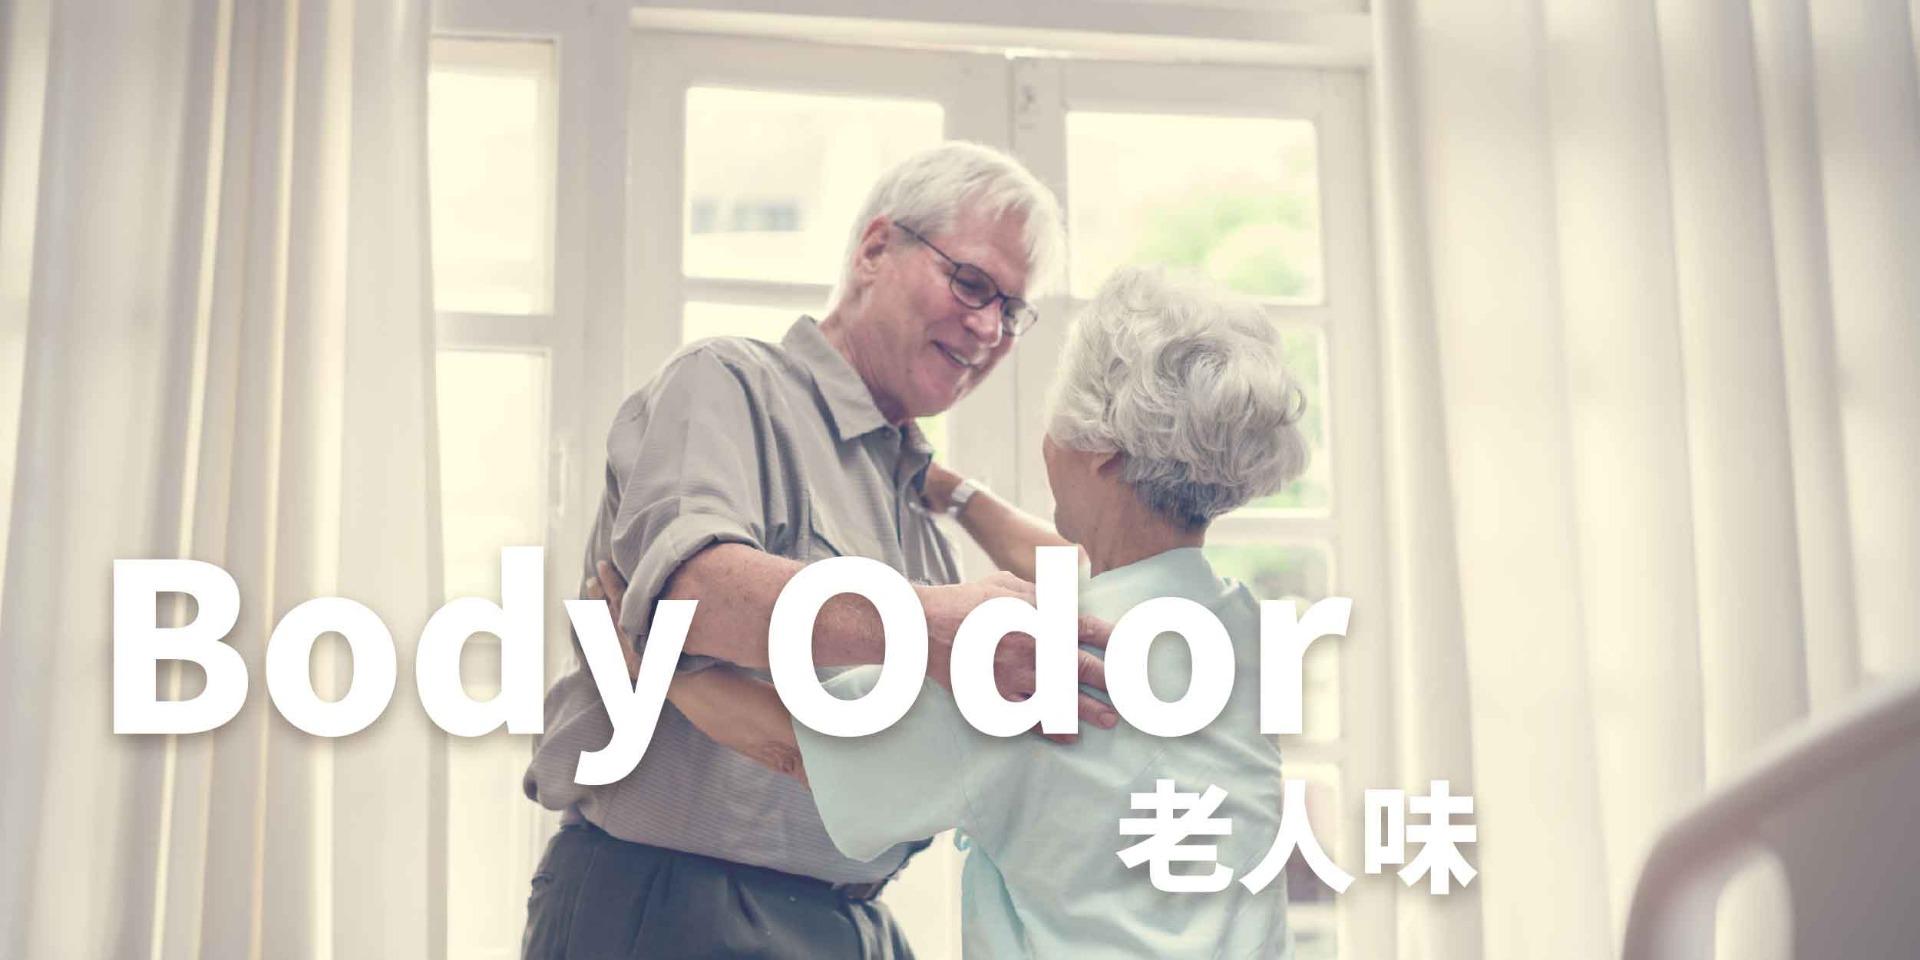 消除老人味,AQ Bio消毒殺菌噴霧、殺菌達99.9999%, 對抗濕疹,暗瘡,皮膚敏感,念珠菌,鼻敏感,喉嚨痛, 助皮膚修護細胞, 產生抗菌能